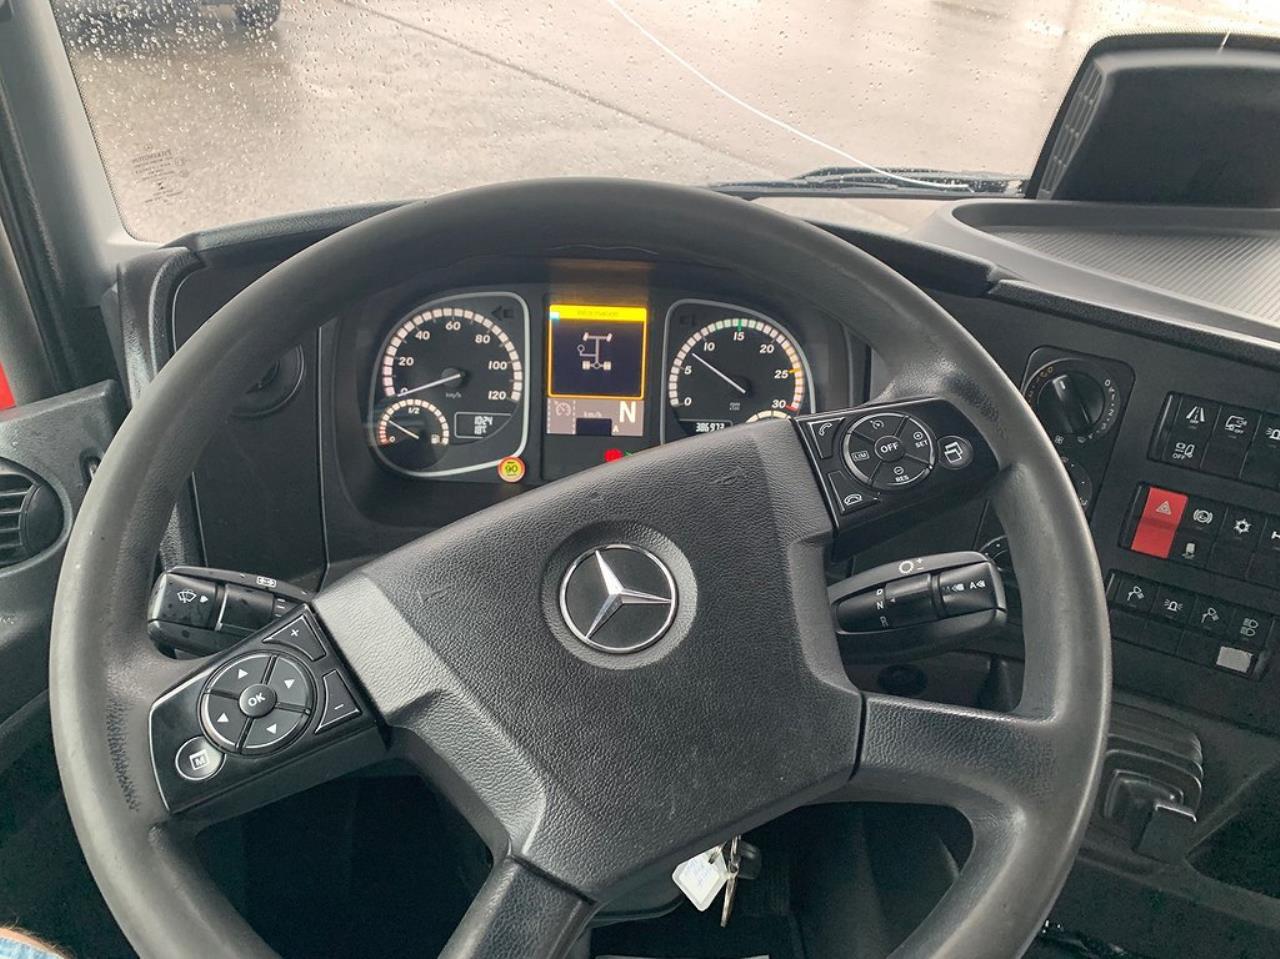 Mercedes-Benz Atego 918 4x2 Bärgningsbil  2017 - Bärgningsbil